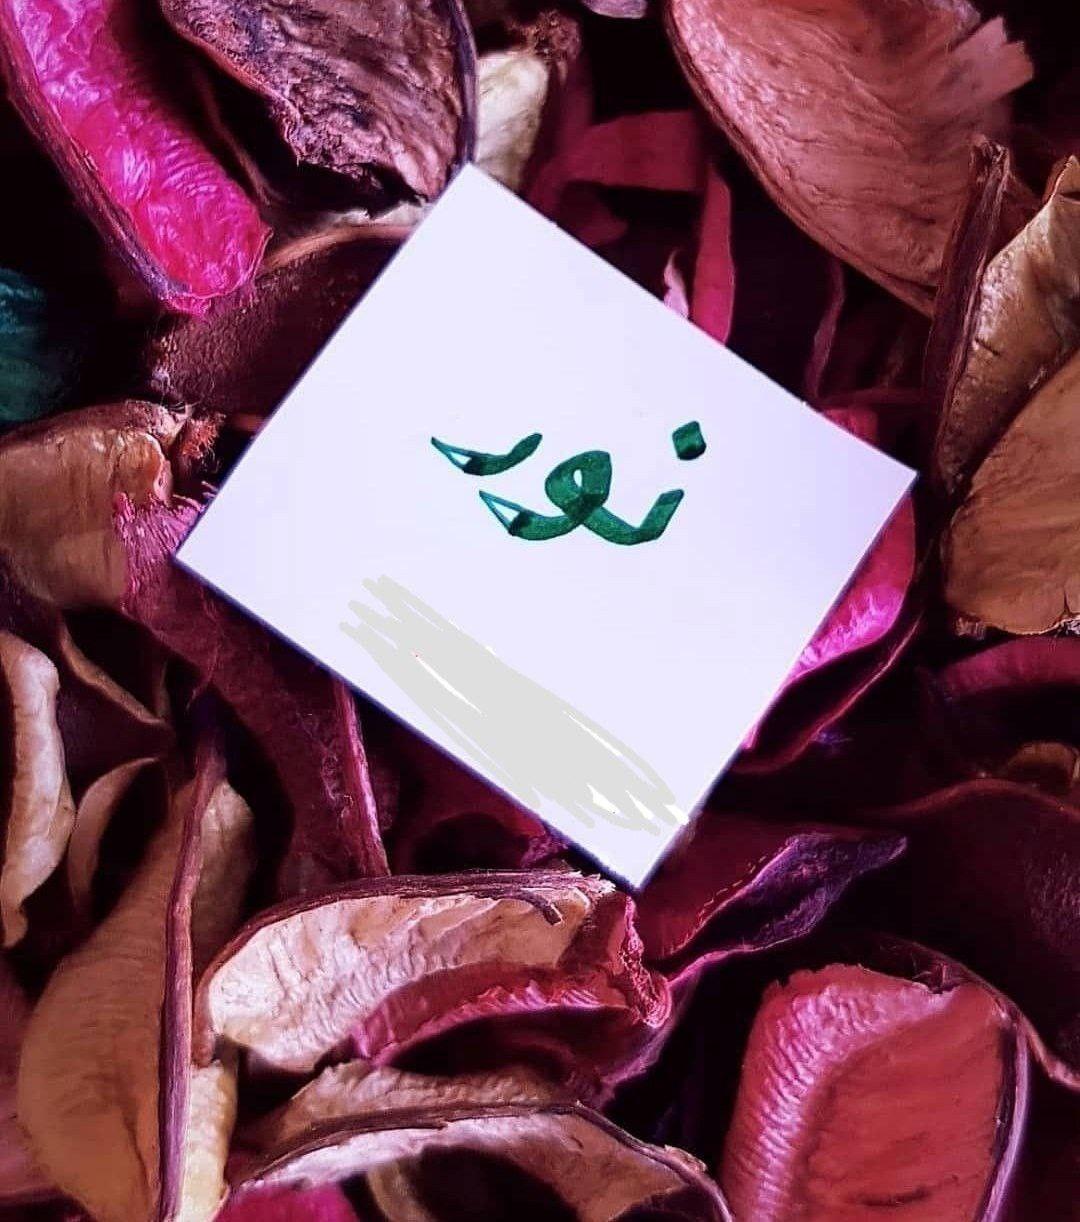 الصفات الغامضة لمعنى اسم أمين Ameen في علم النفس موقع مصري In 2021 Paper Shopping Bag Paper Arabic Calligraphy